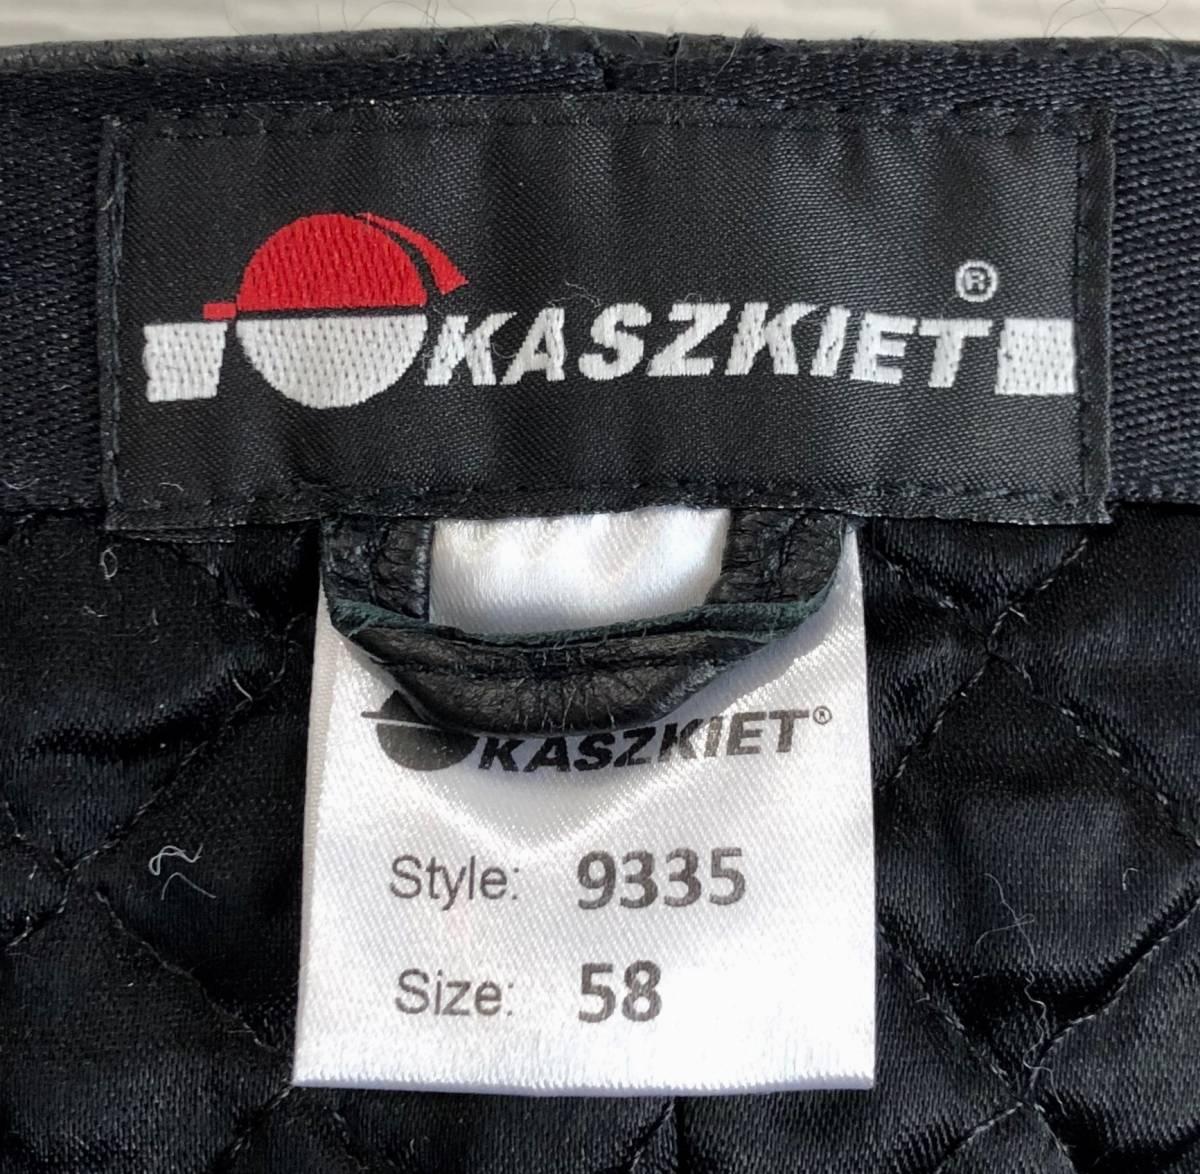 希少KASZKIET×Harris Tweedダブルネーム別注ハリスツイード黒レザー革パイピング切替ハンティングキャップ58cm内キルティング裏地6パネル_「ML」サイズ相当です。